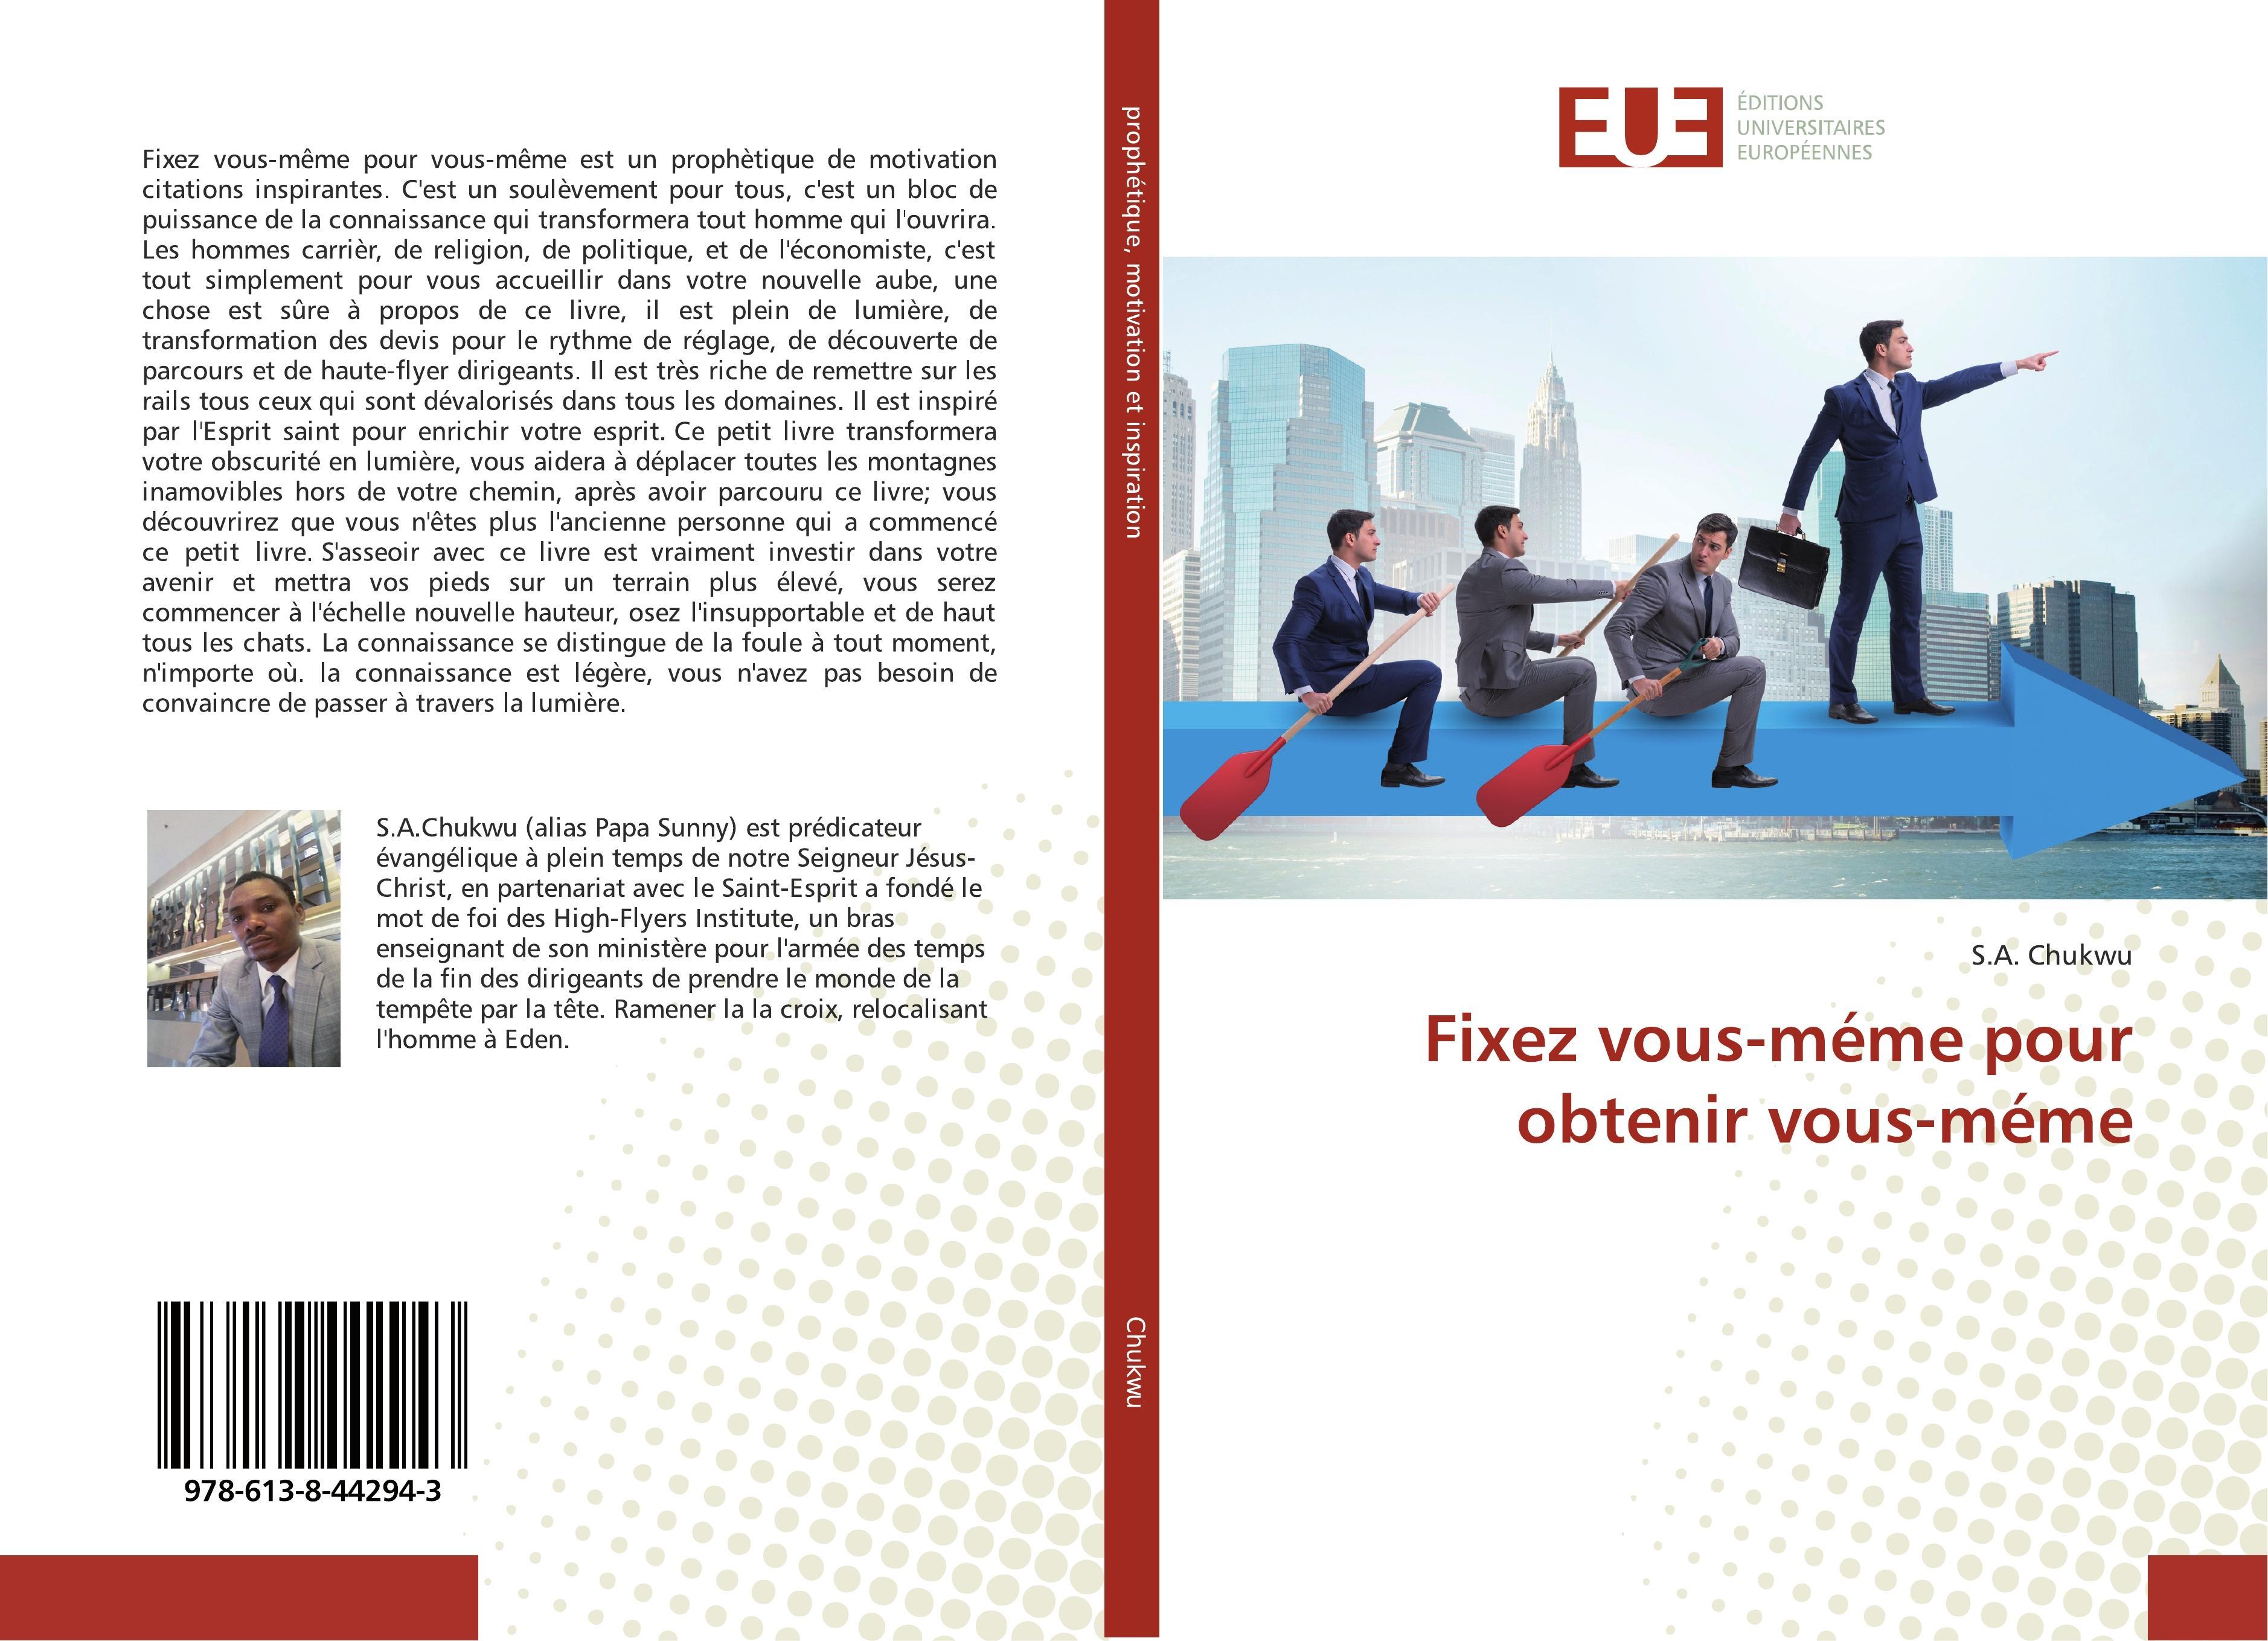 Fixez vous-méme pour obtenir vous-méme  S. A. Chukwu  Taschenbuch  Paperback  Französisch  2019 - Chukwu, S. A.